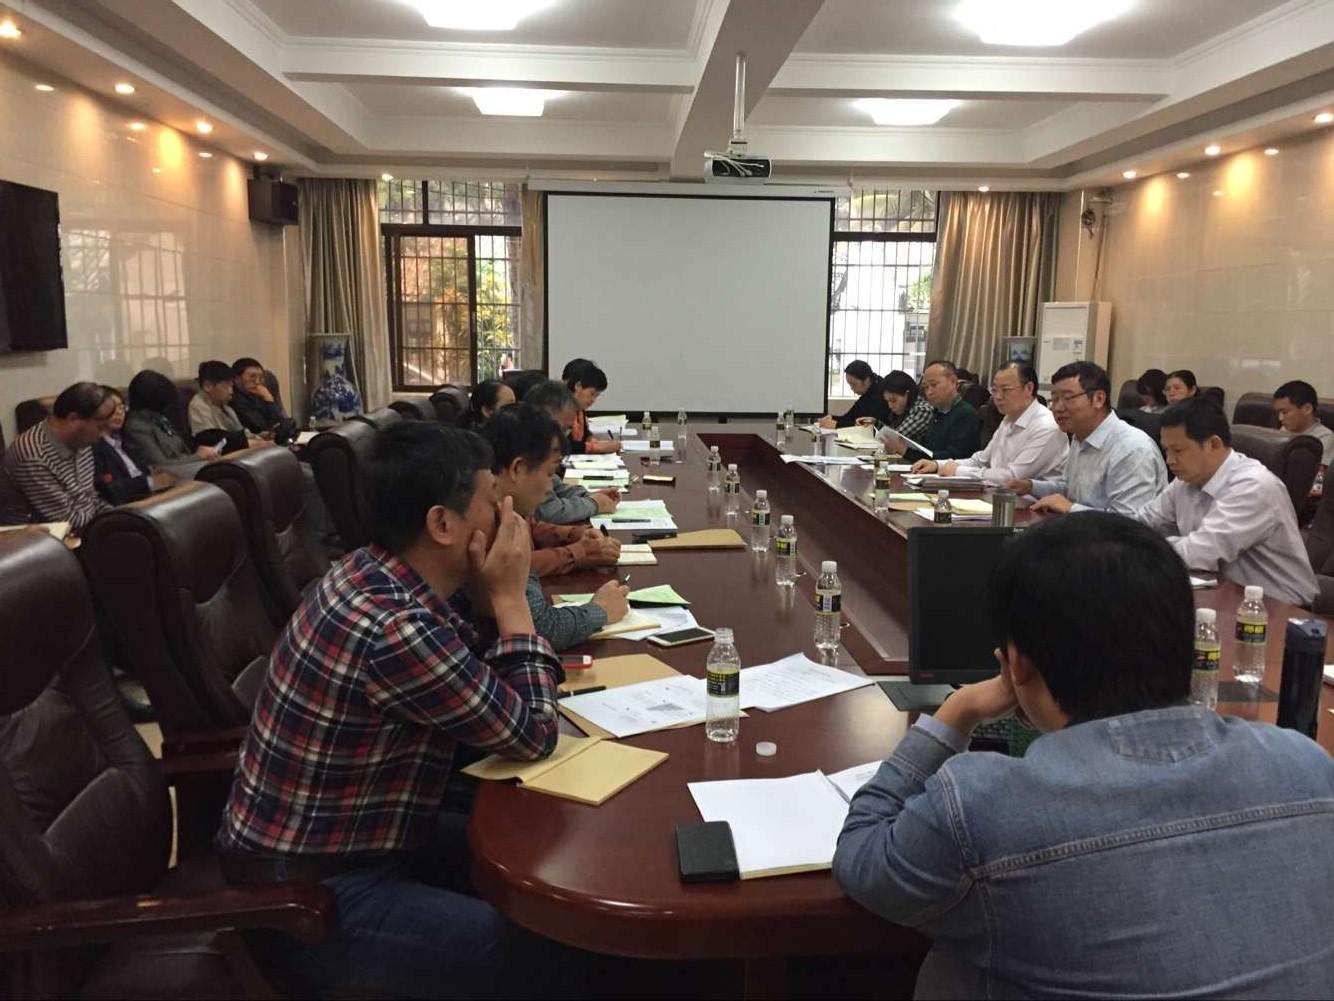 学校组织召开教学工作研讨会_海南师范大学|hainan